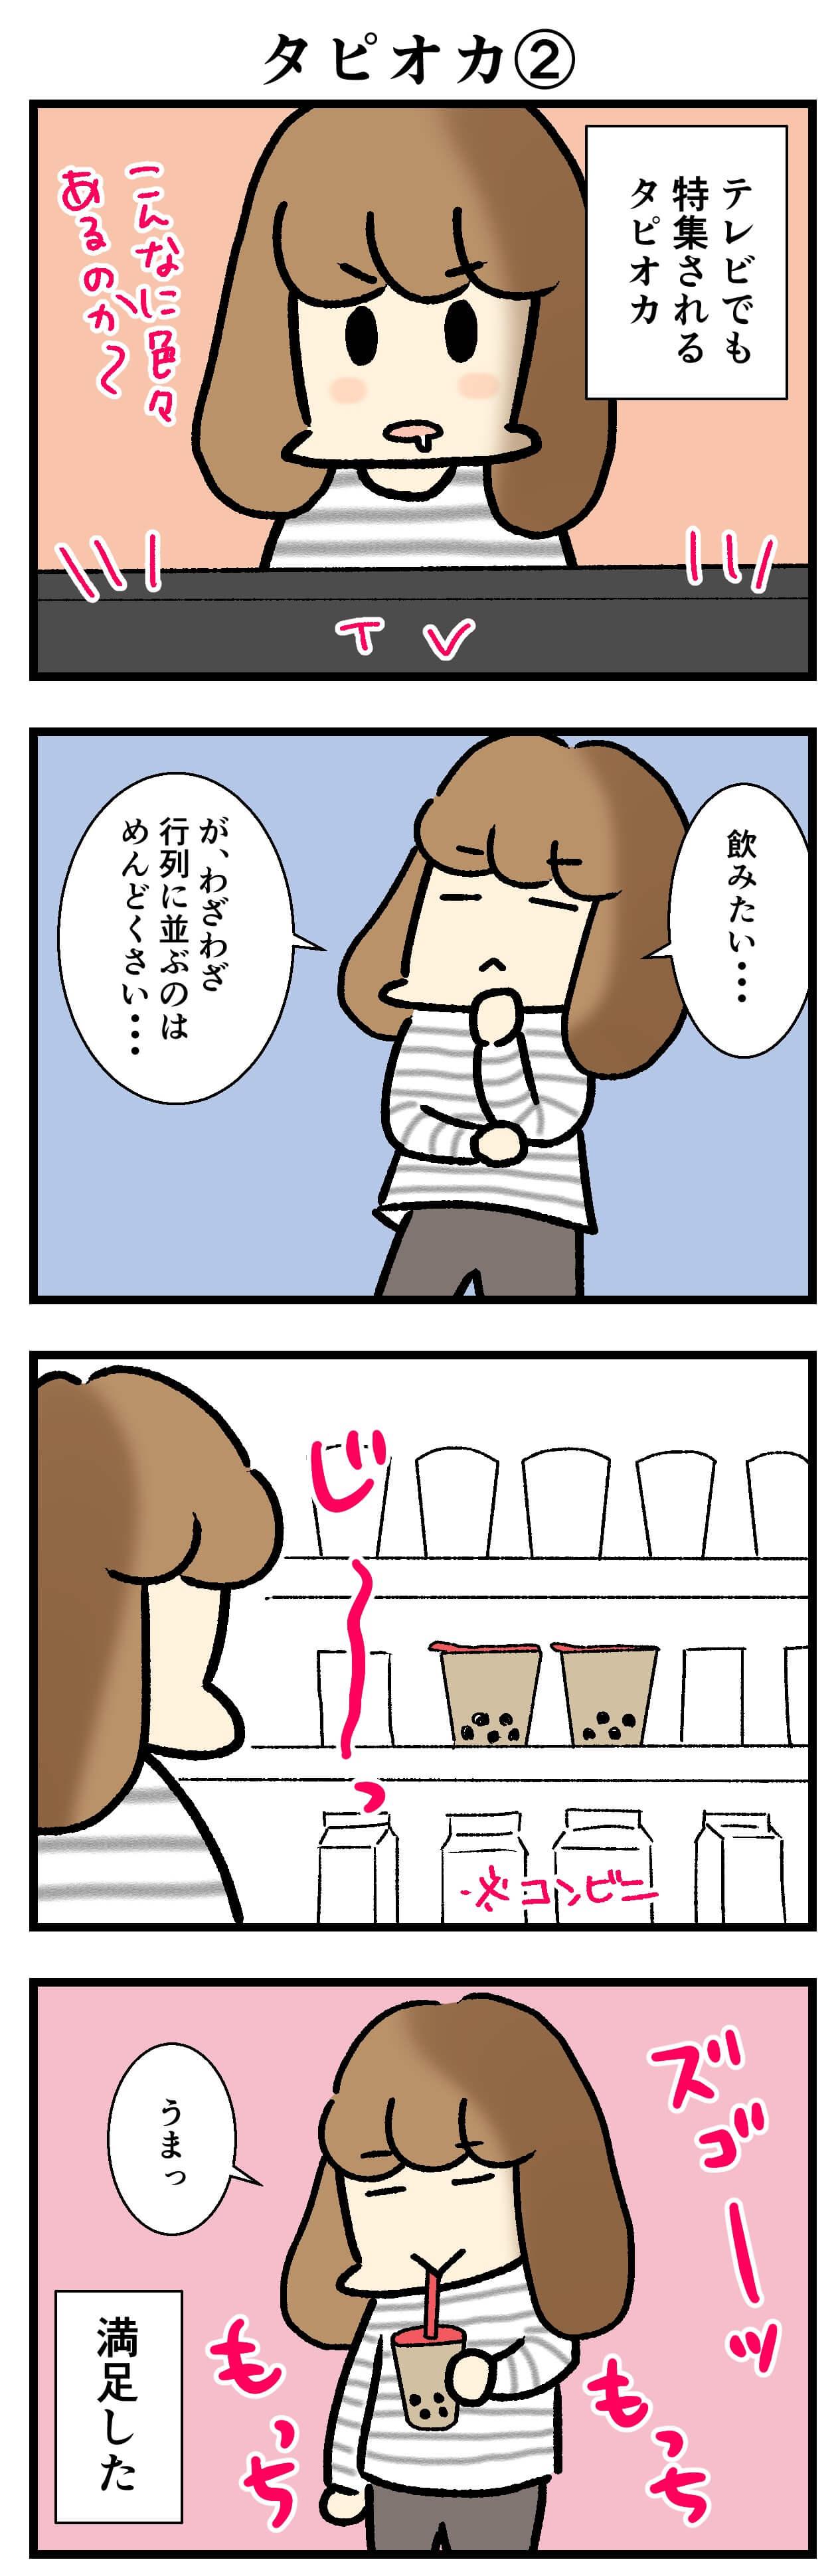 【エッセイ漫画】アラサー主婦くま子のふがいない日常(124)